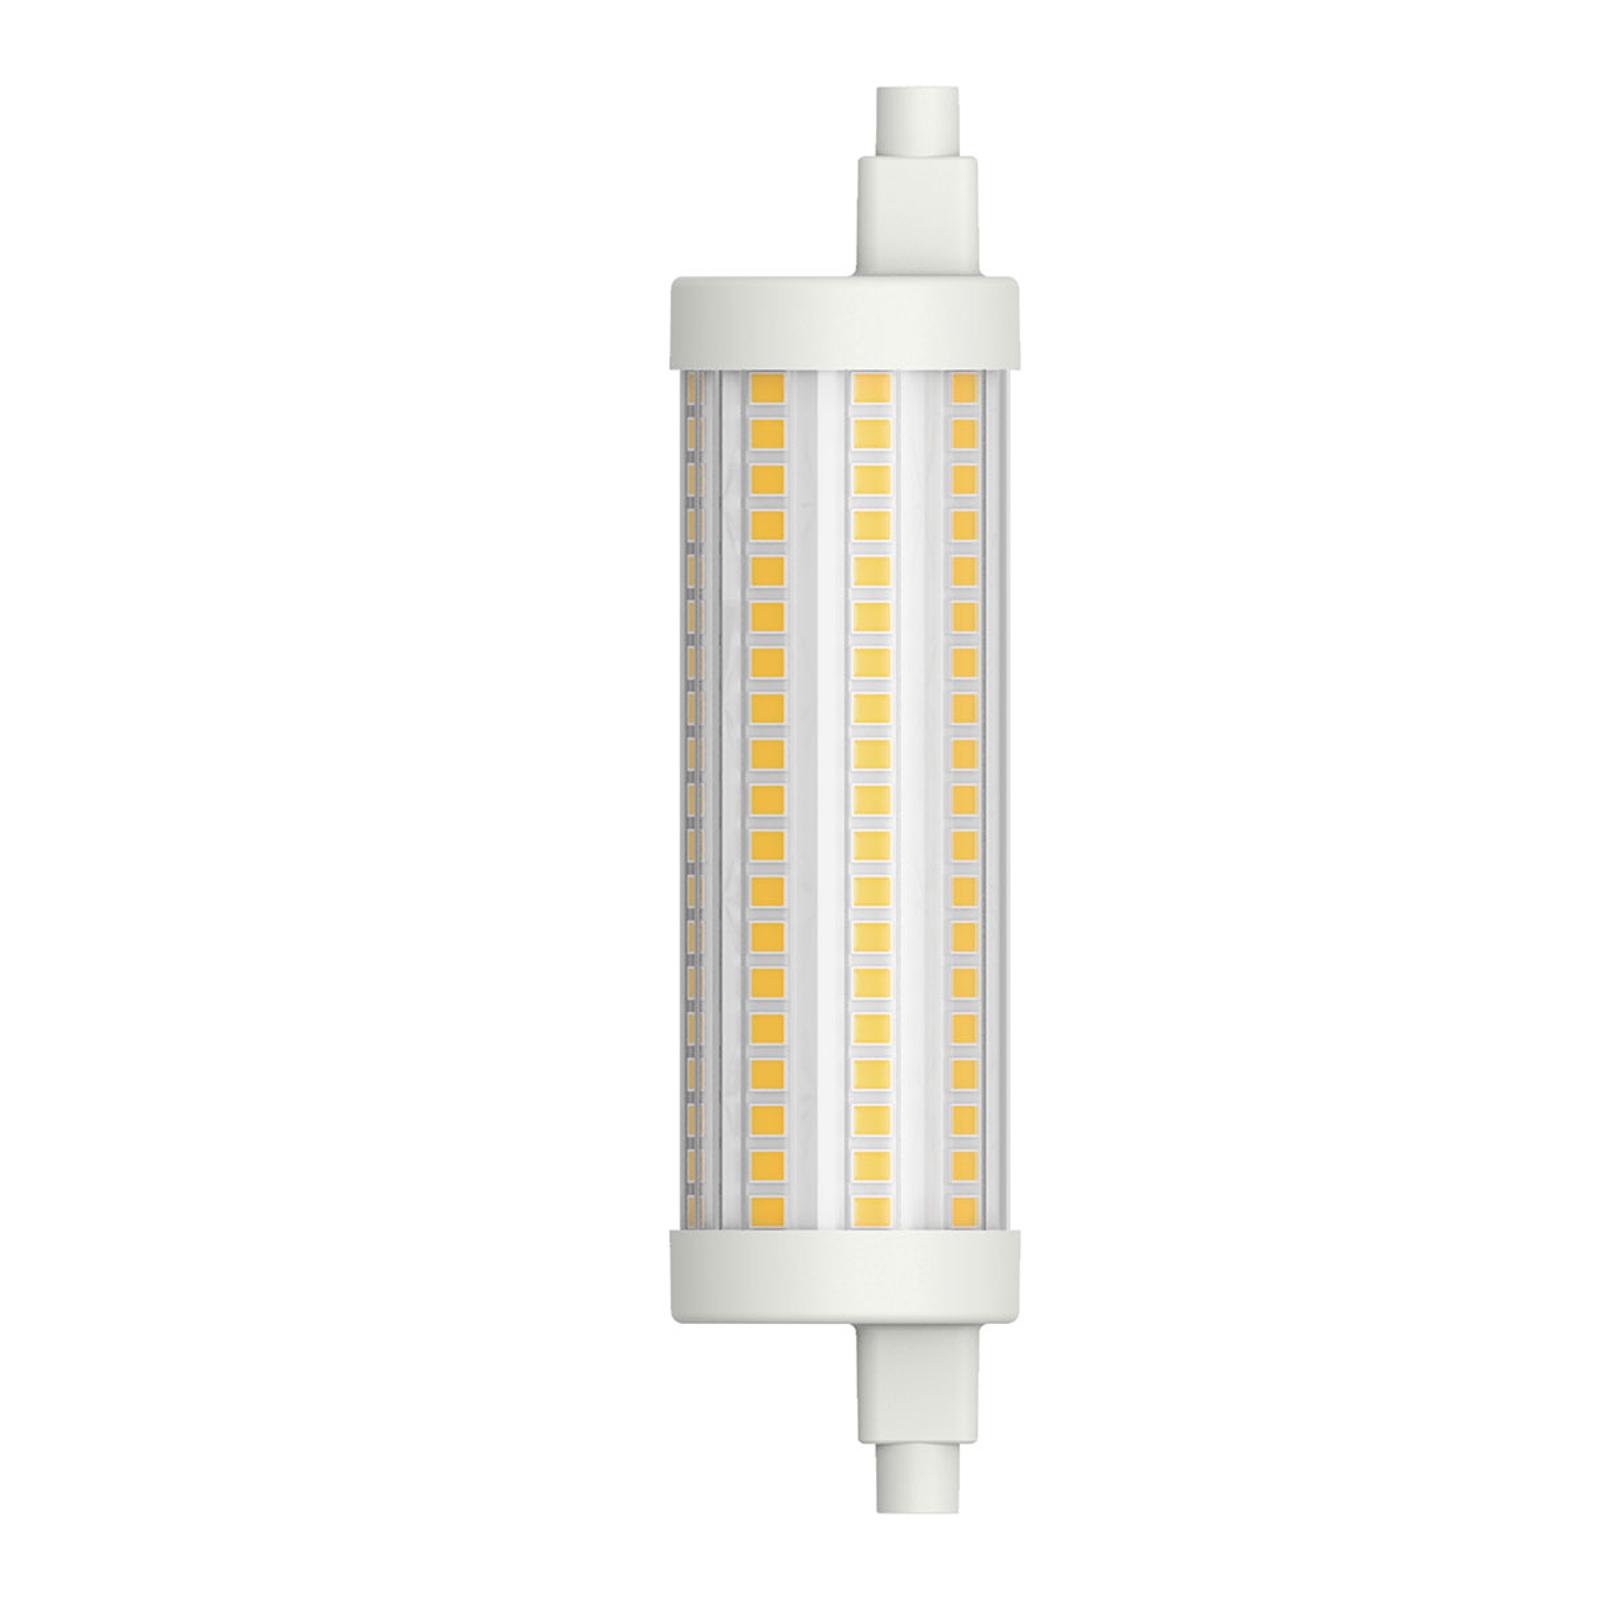 LED-putkilamppu R7s 117,6 mm 15W lämmin valkoinen